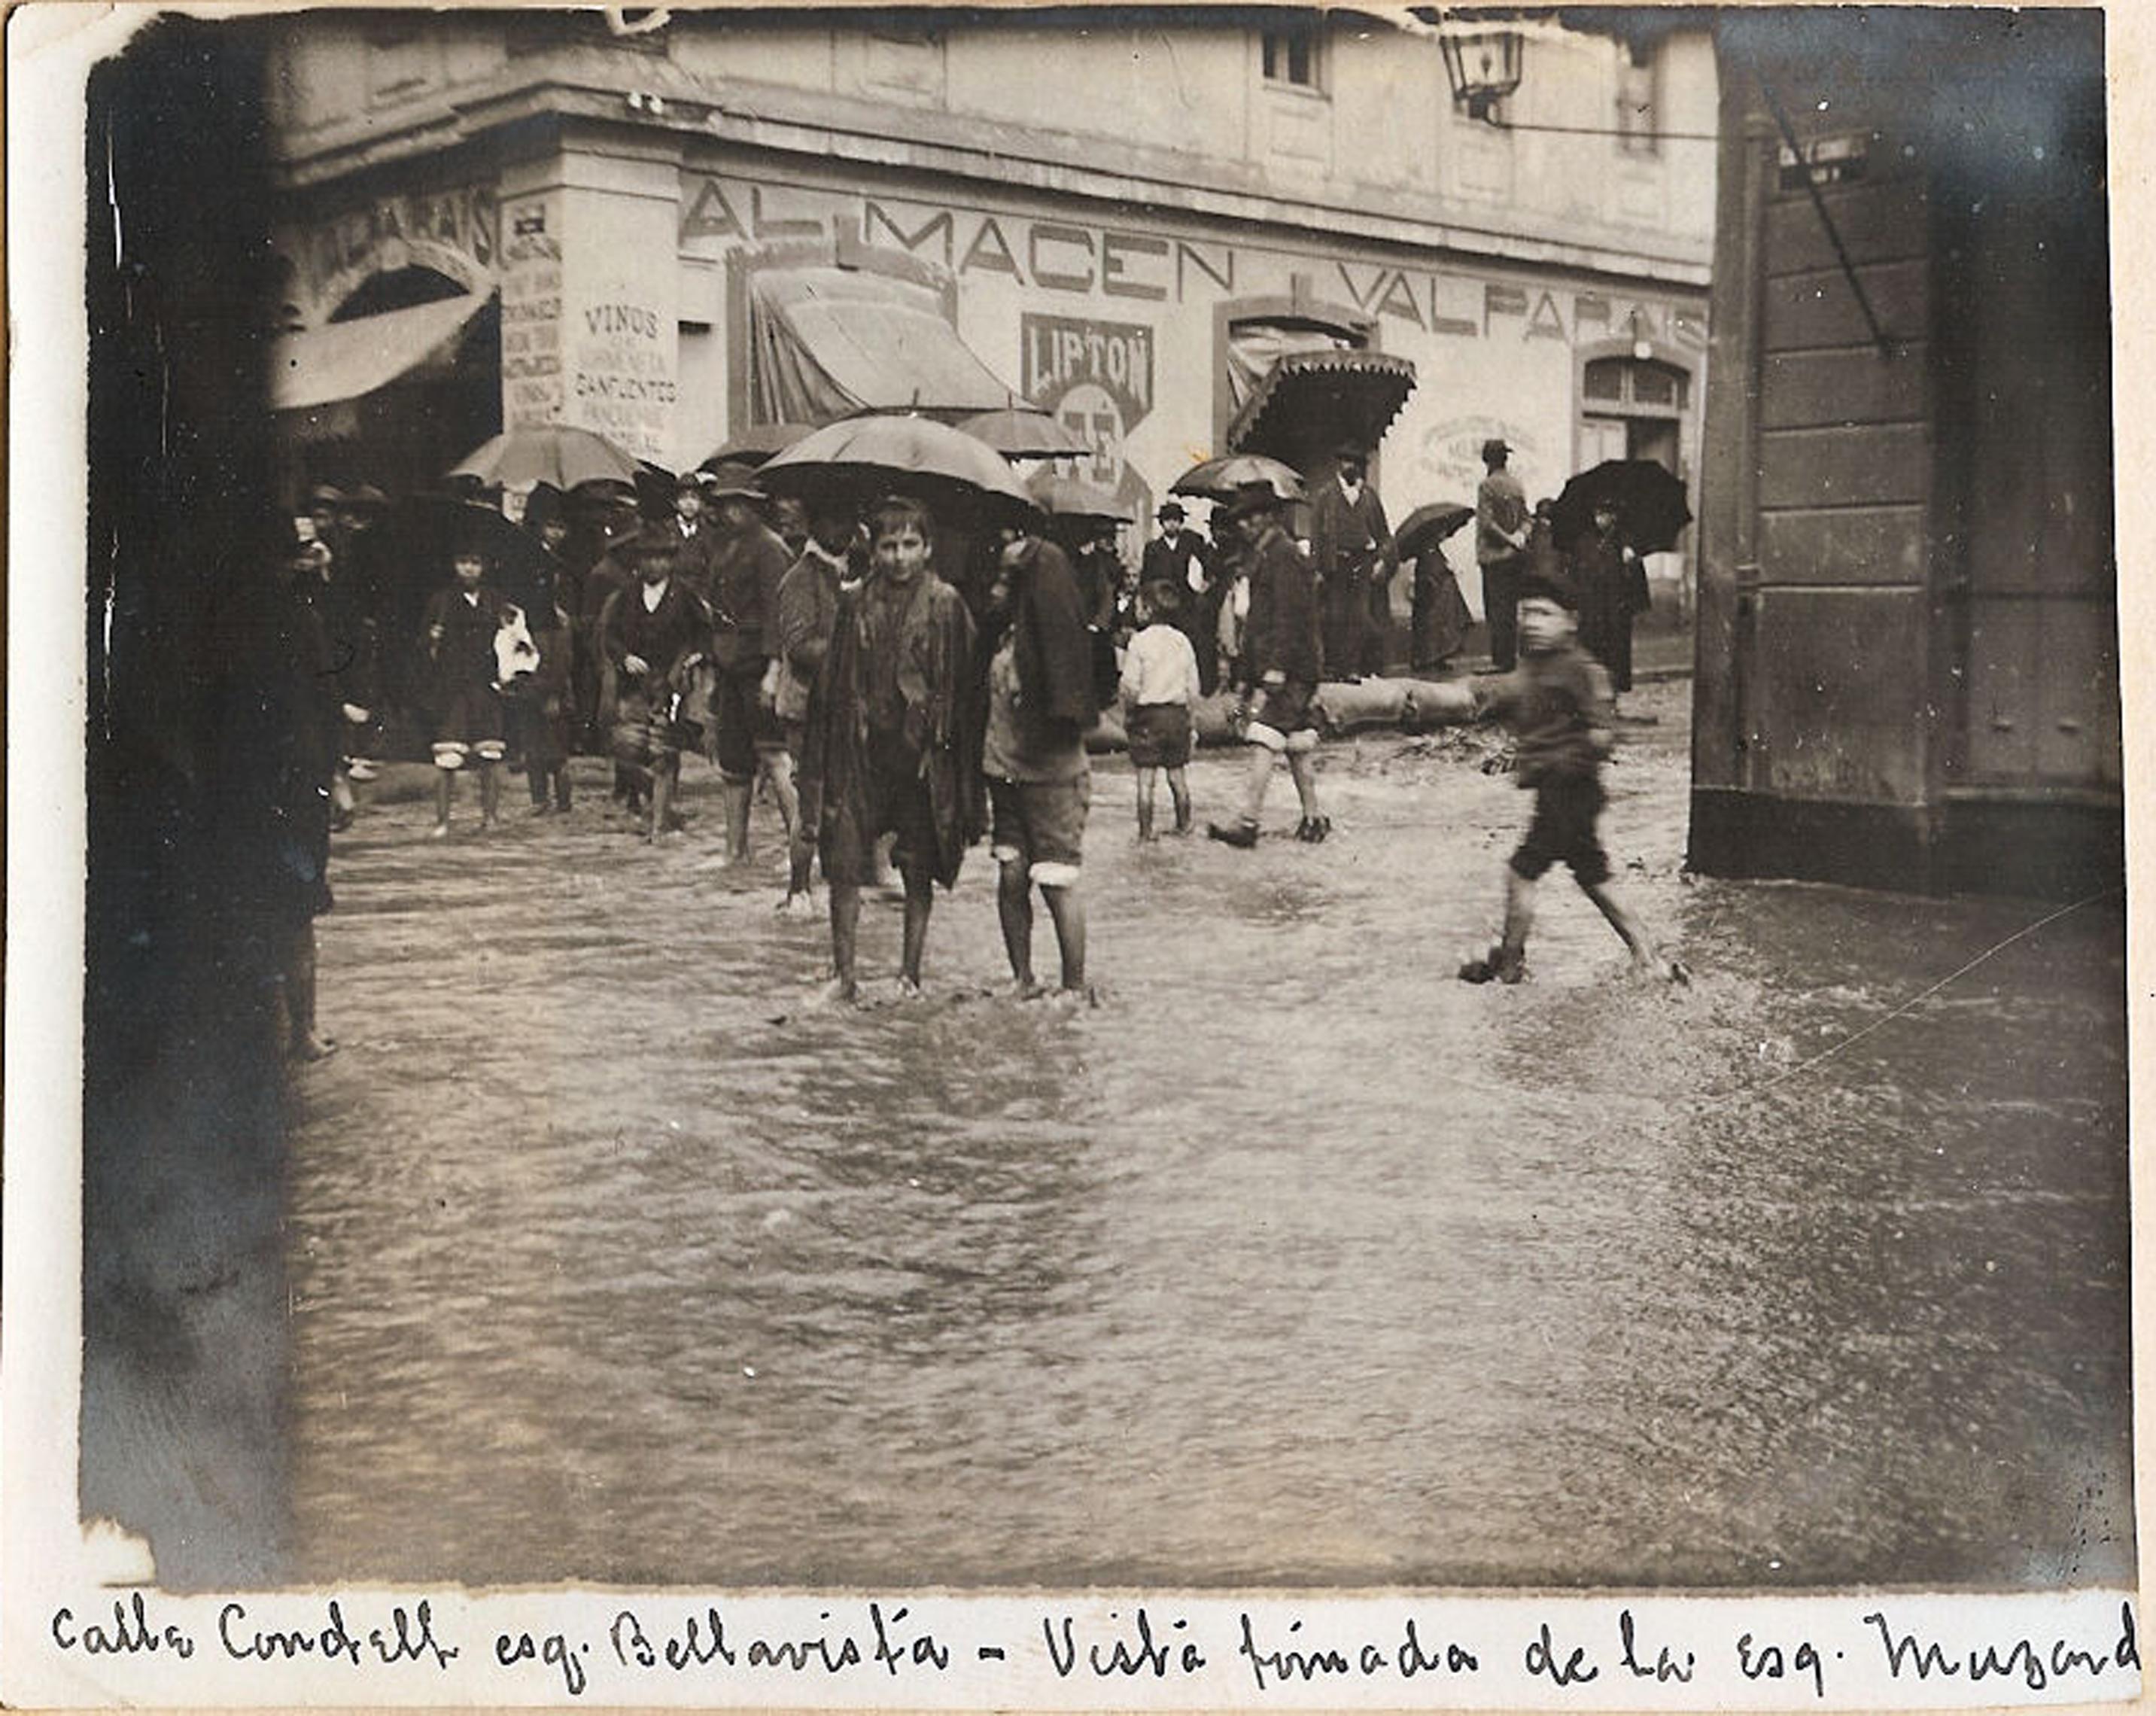 Enterreno - Fotos históricas de chile - fotos antiguas de Chile - Temporal e inundación en Valparaíso, 1899